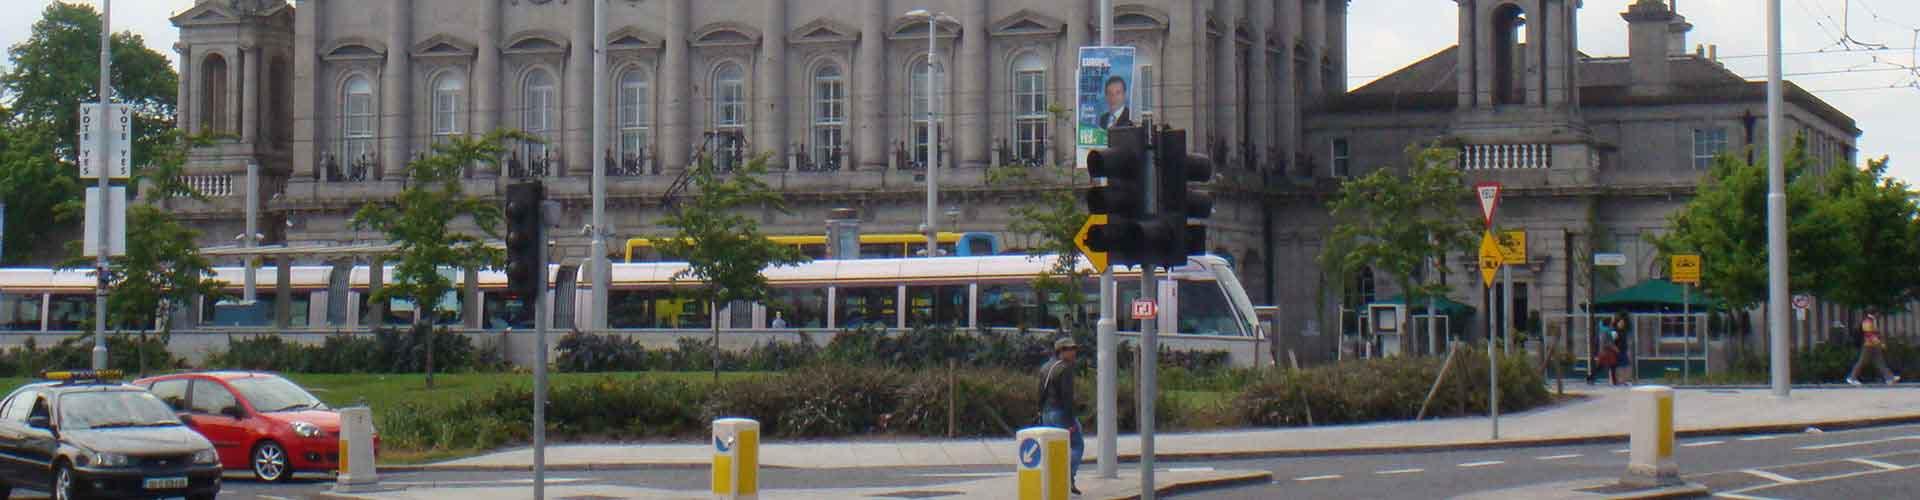 Dublin - Zimmer nahe Dublin Heuston Bahnhof. Dublin auf der Karte. Fotos und Bewertungen für jedes Zimmer in Dublin.